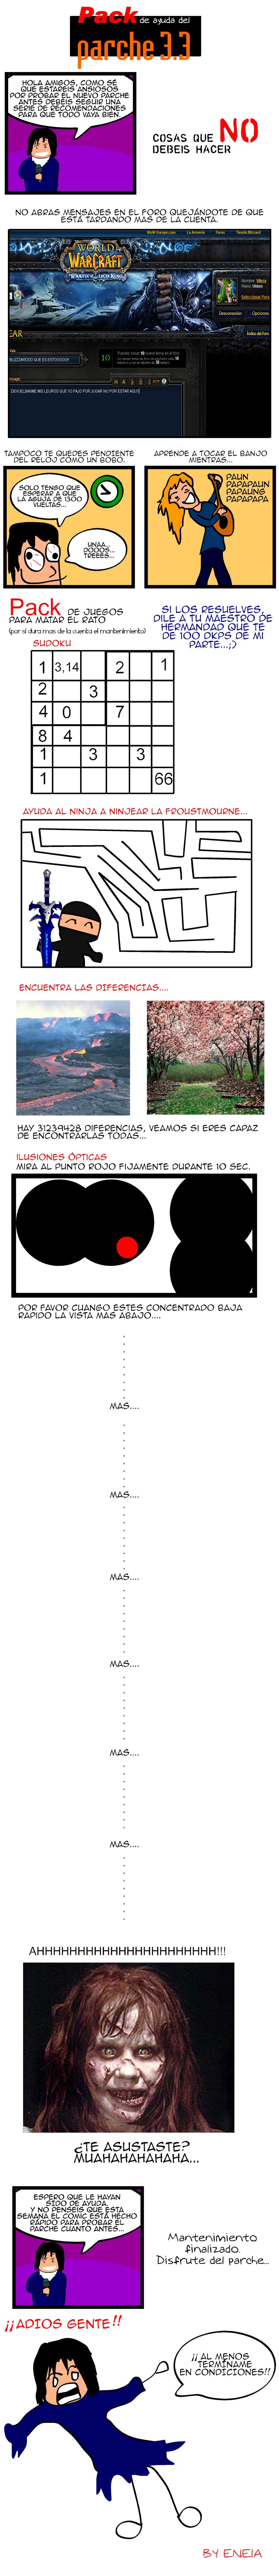 Guerrilla Gnomica - Capitulo 7